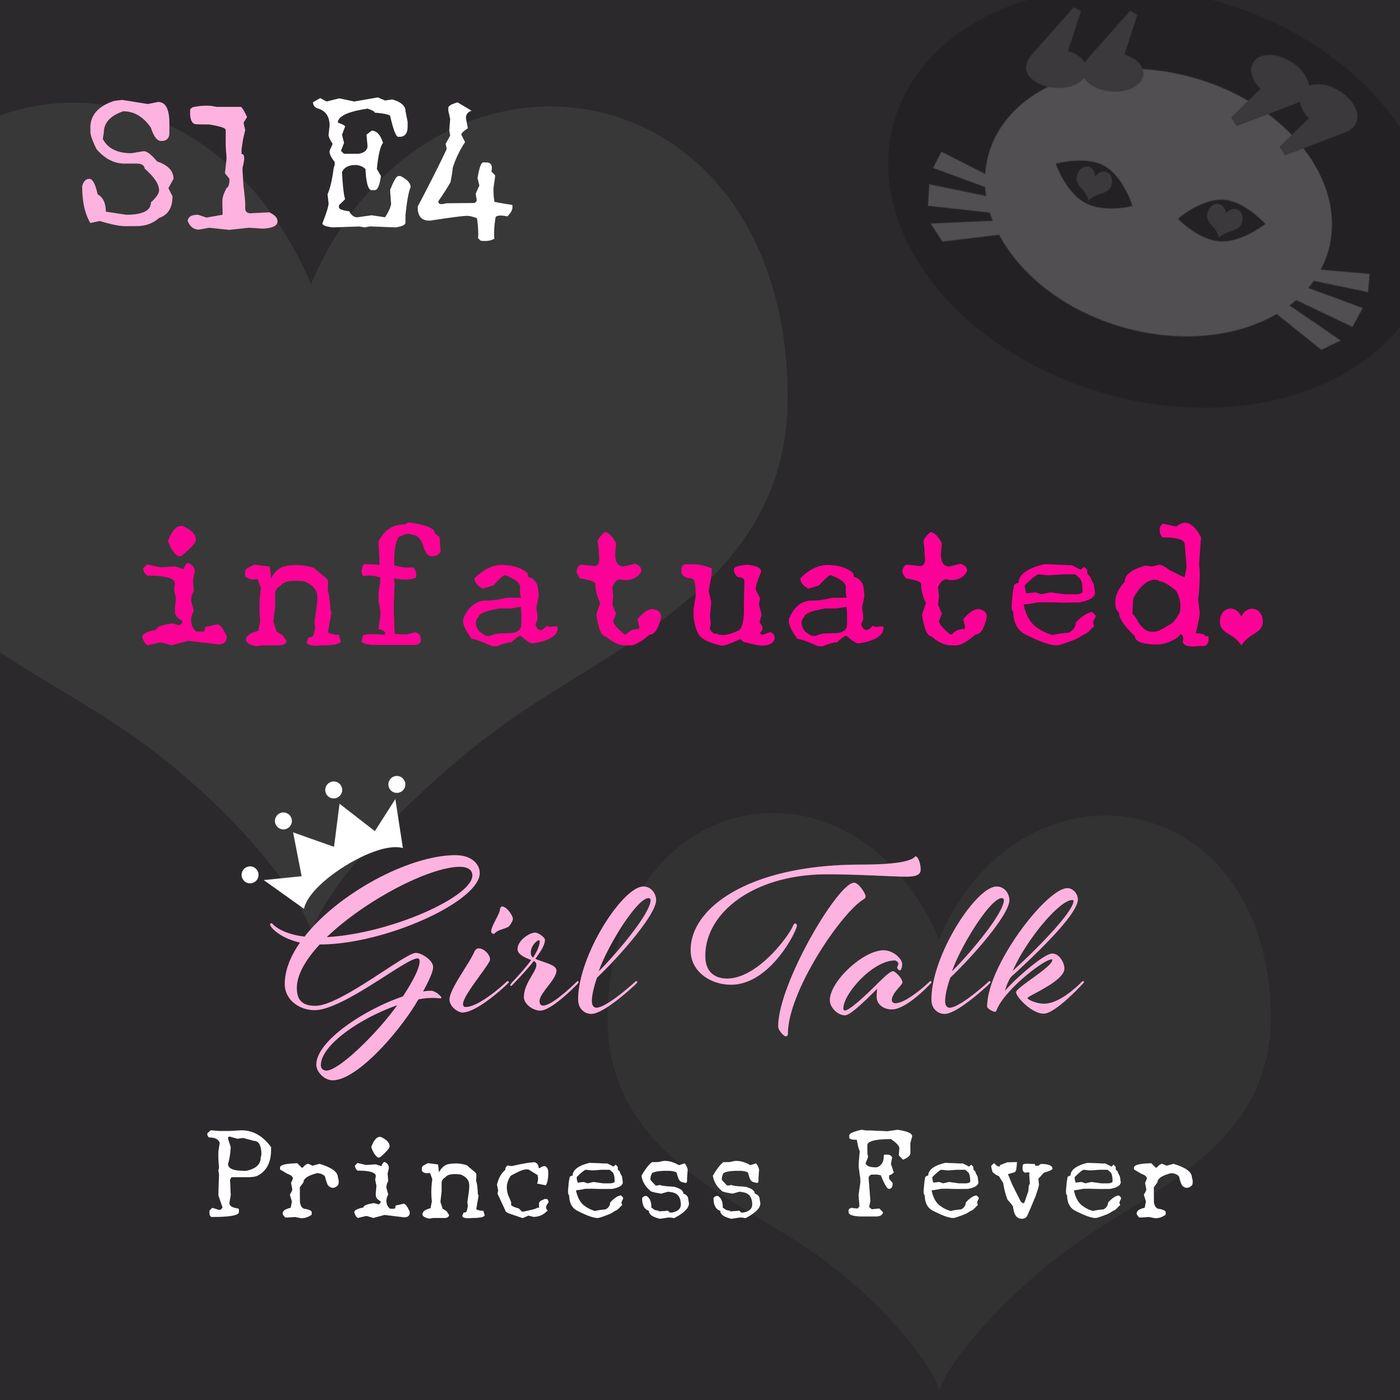 S1E4: Princess Fever